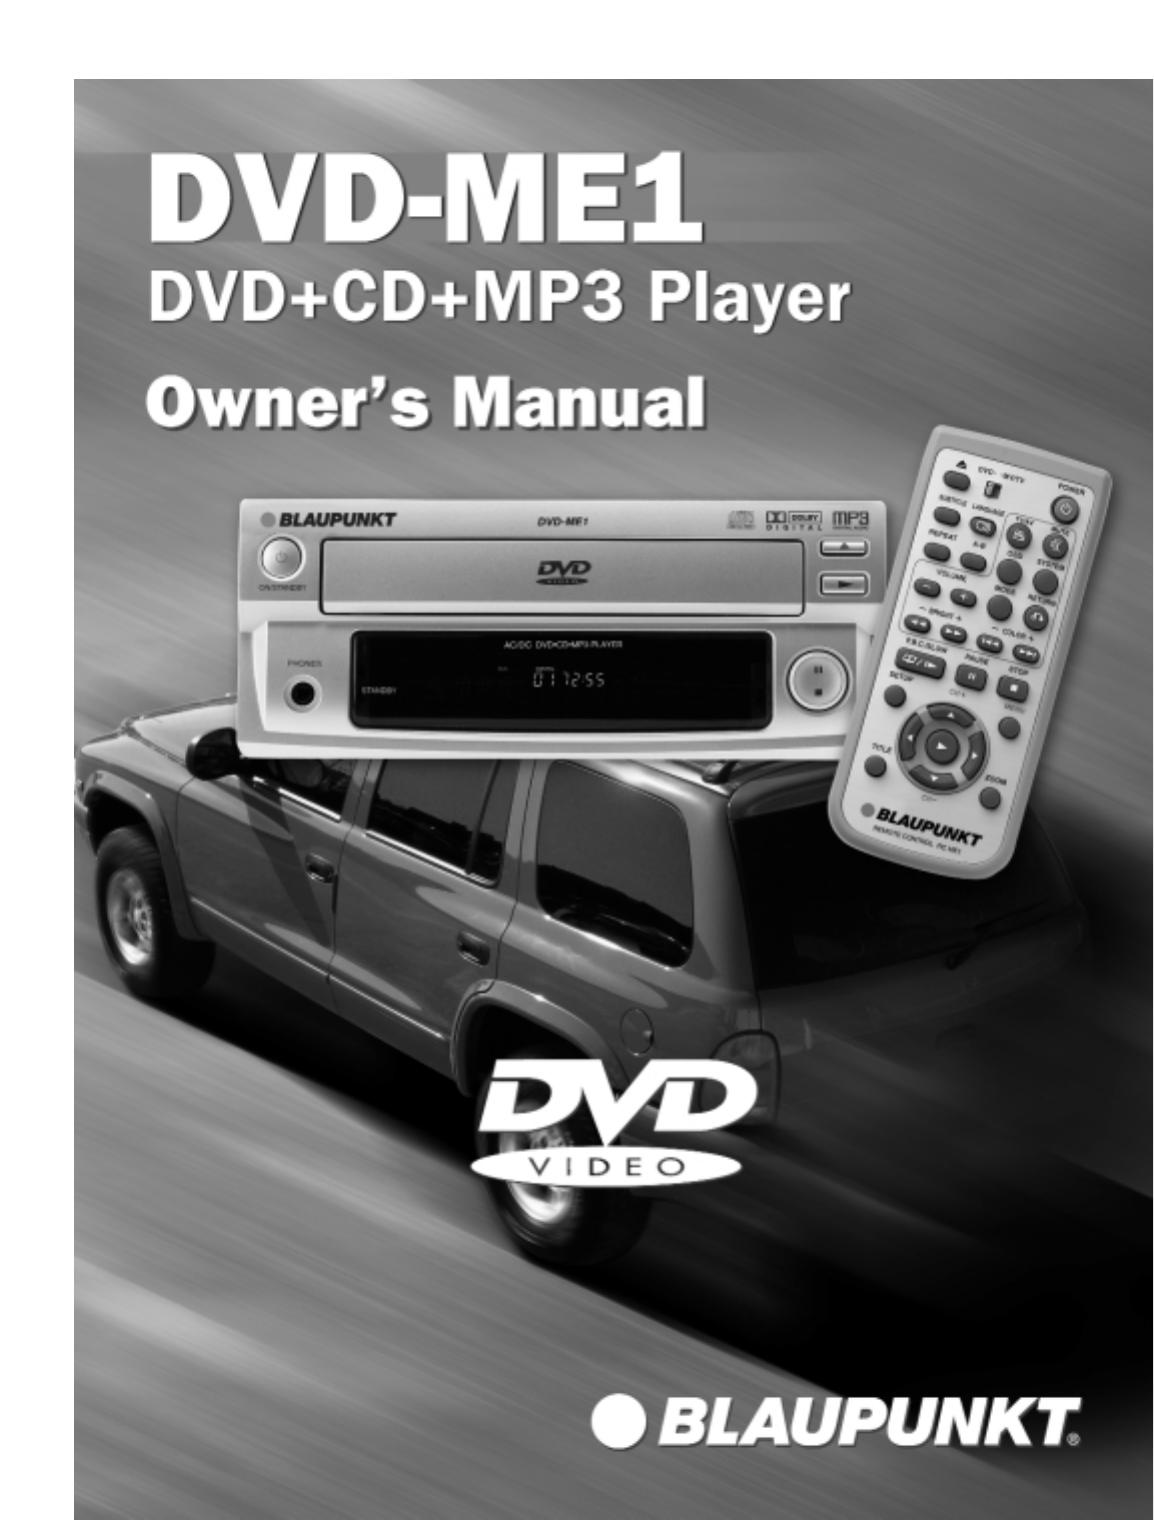 blaupunkt car video system dvd me1 user guide manualsonline com rh caraudio manualsonline com Blaupunkt Werke GmbH Blaupunkt Car Stereo iPod Adapters